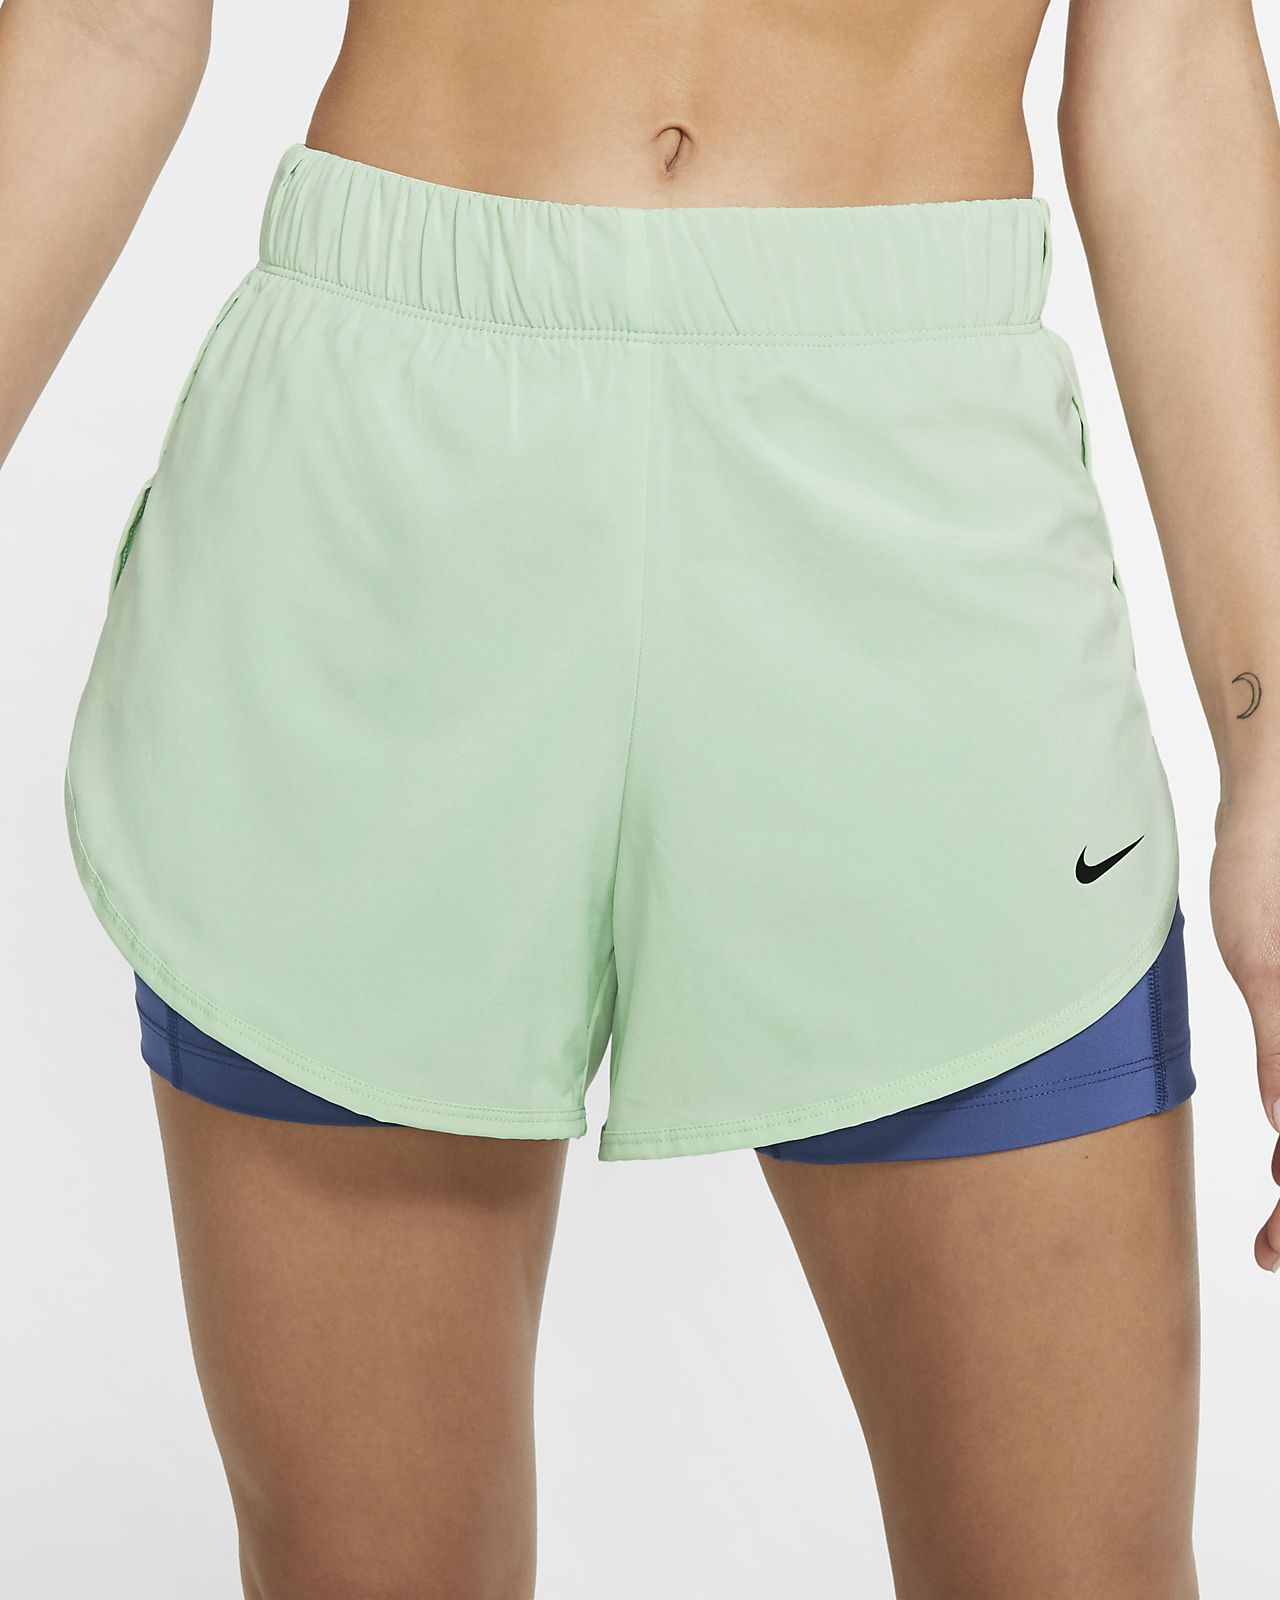 Nike Flex 2'si 1 Arada Kadın Antrenman Şortu